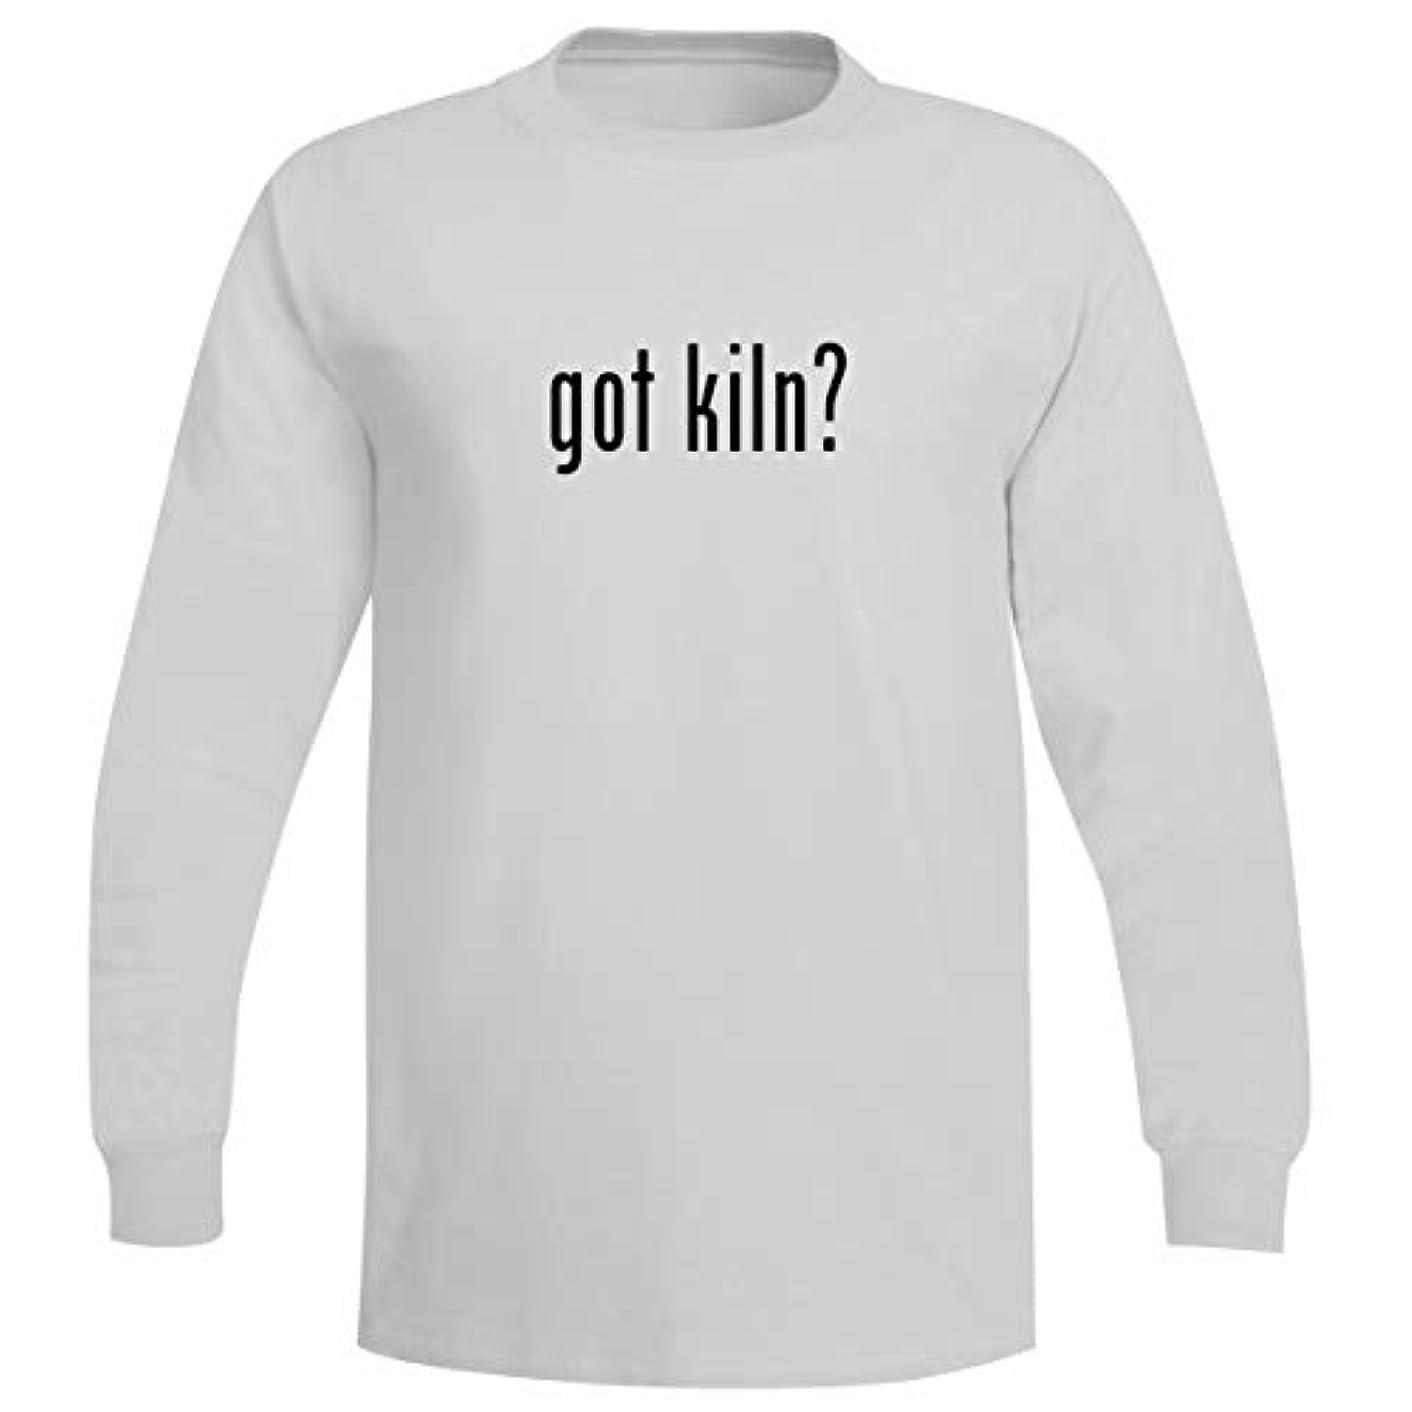 The Town Butler got kiln? - A Soft & Comfortable Men's Long Sleeve T-Shirt